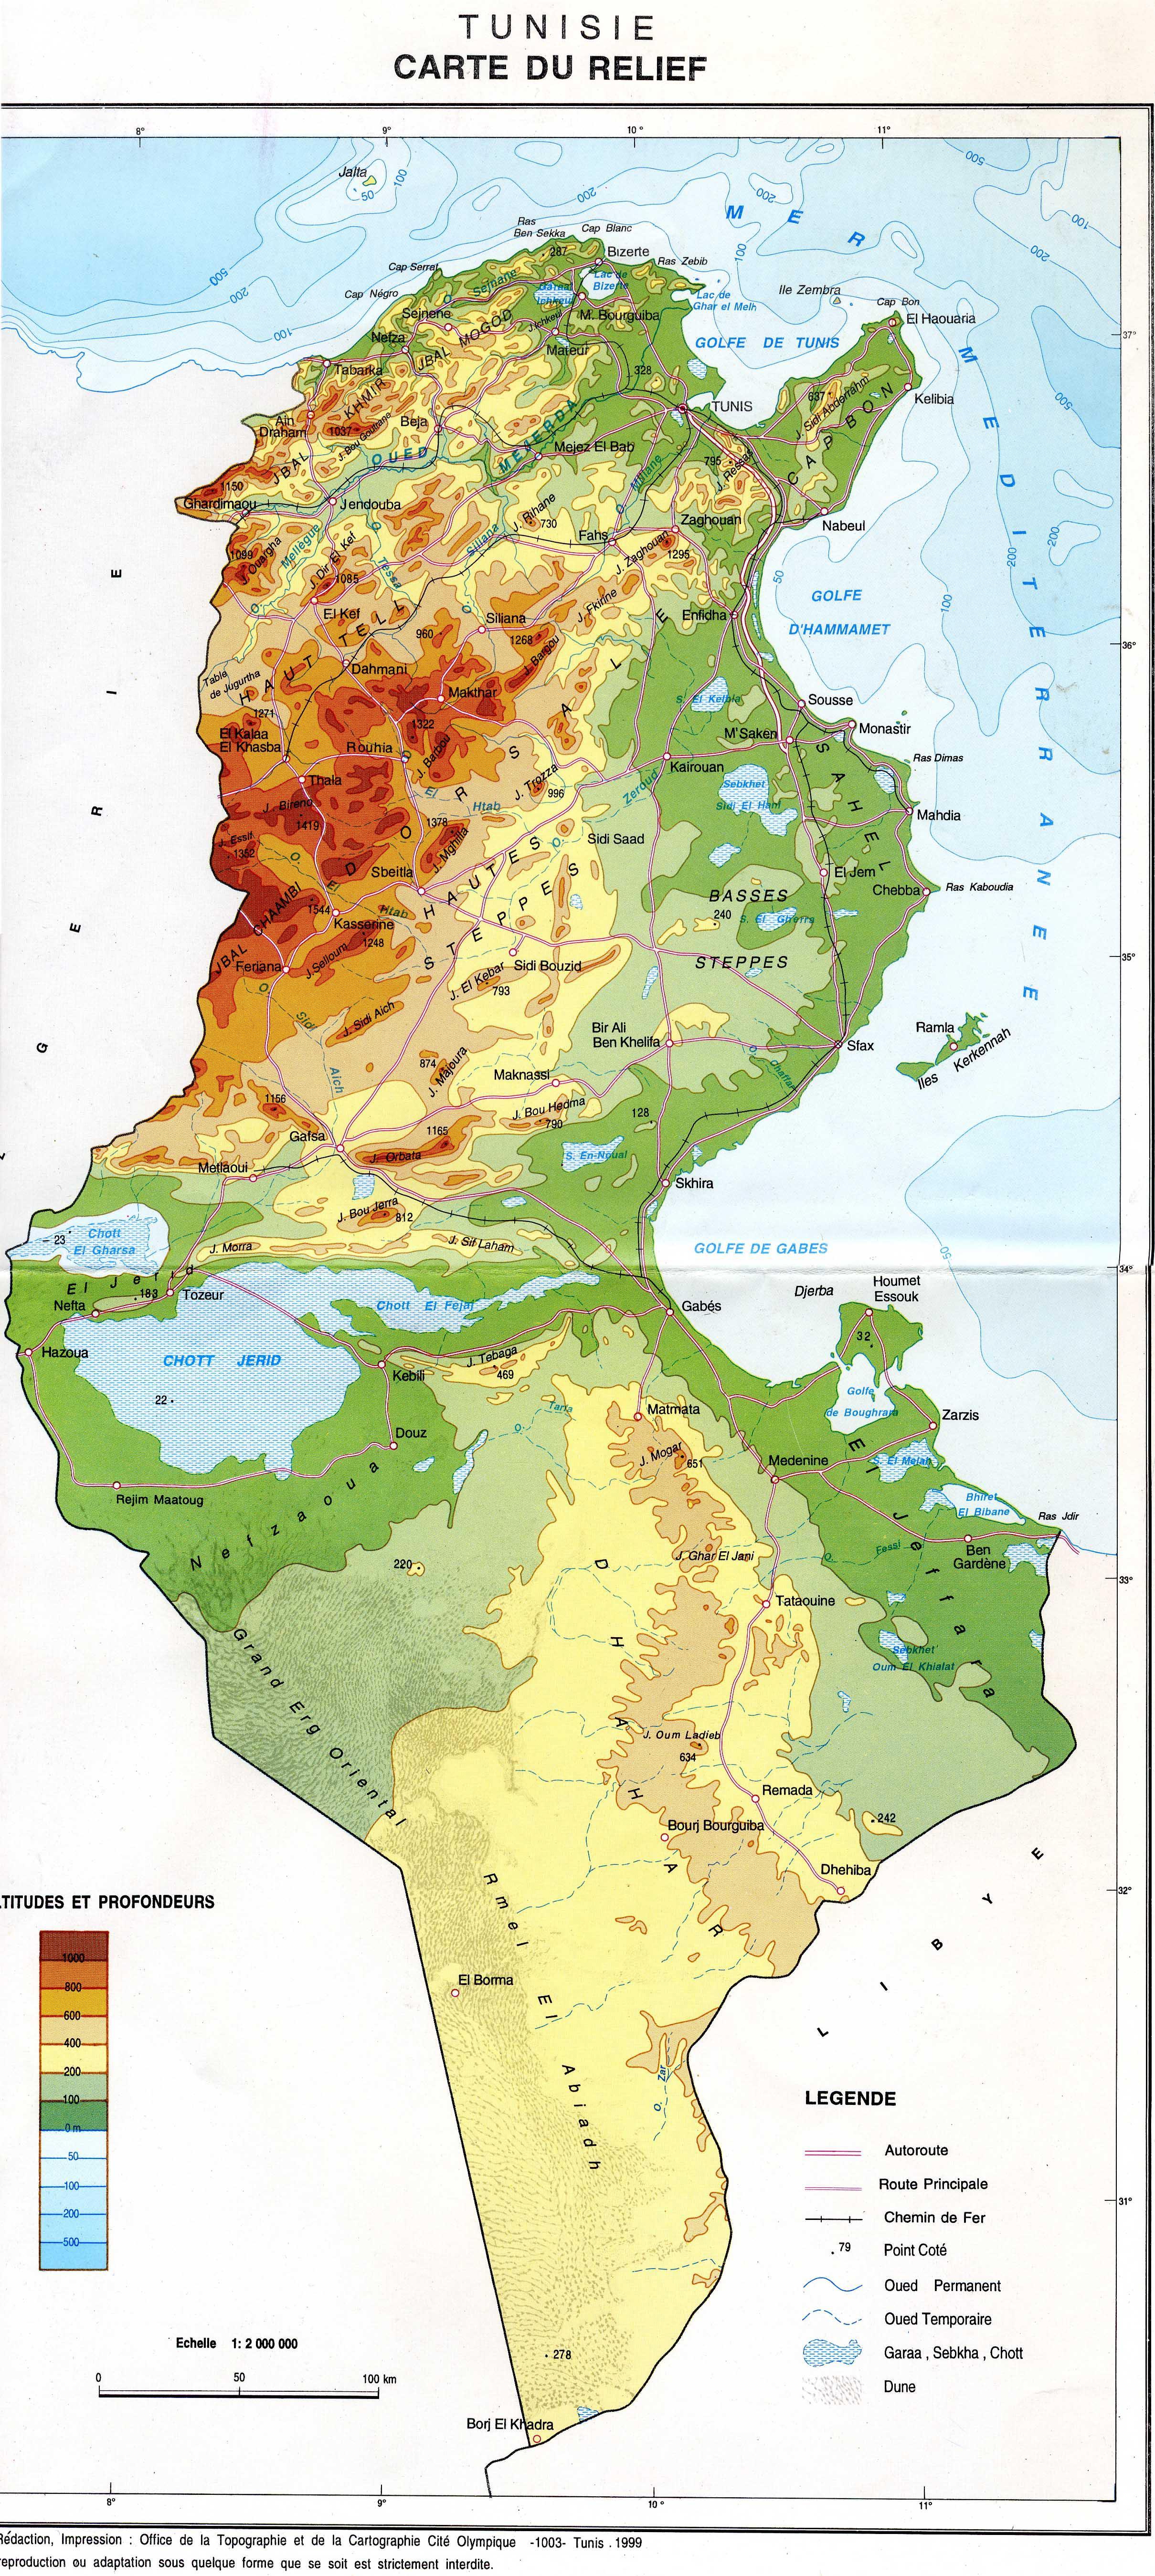 carte de la tunisie plusieurs cartes de la tunisie villes relief administrative politique. Black Bedroom Furniture Sets. Home Design Ideas